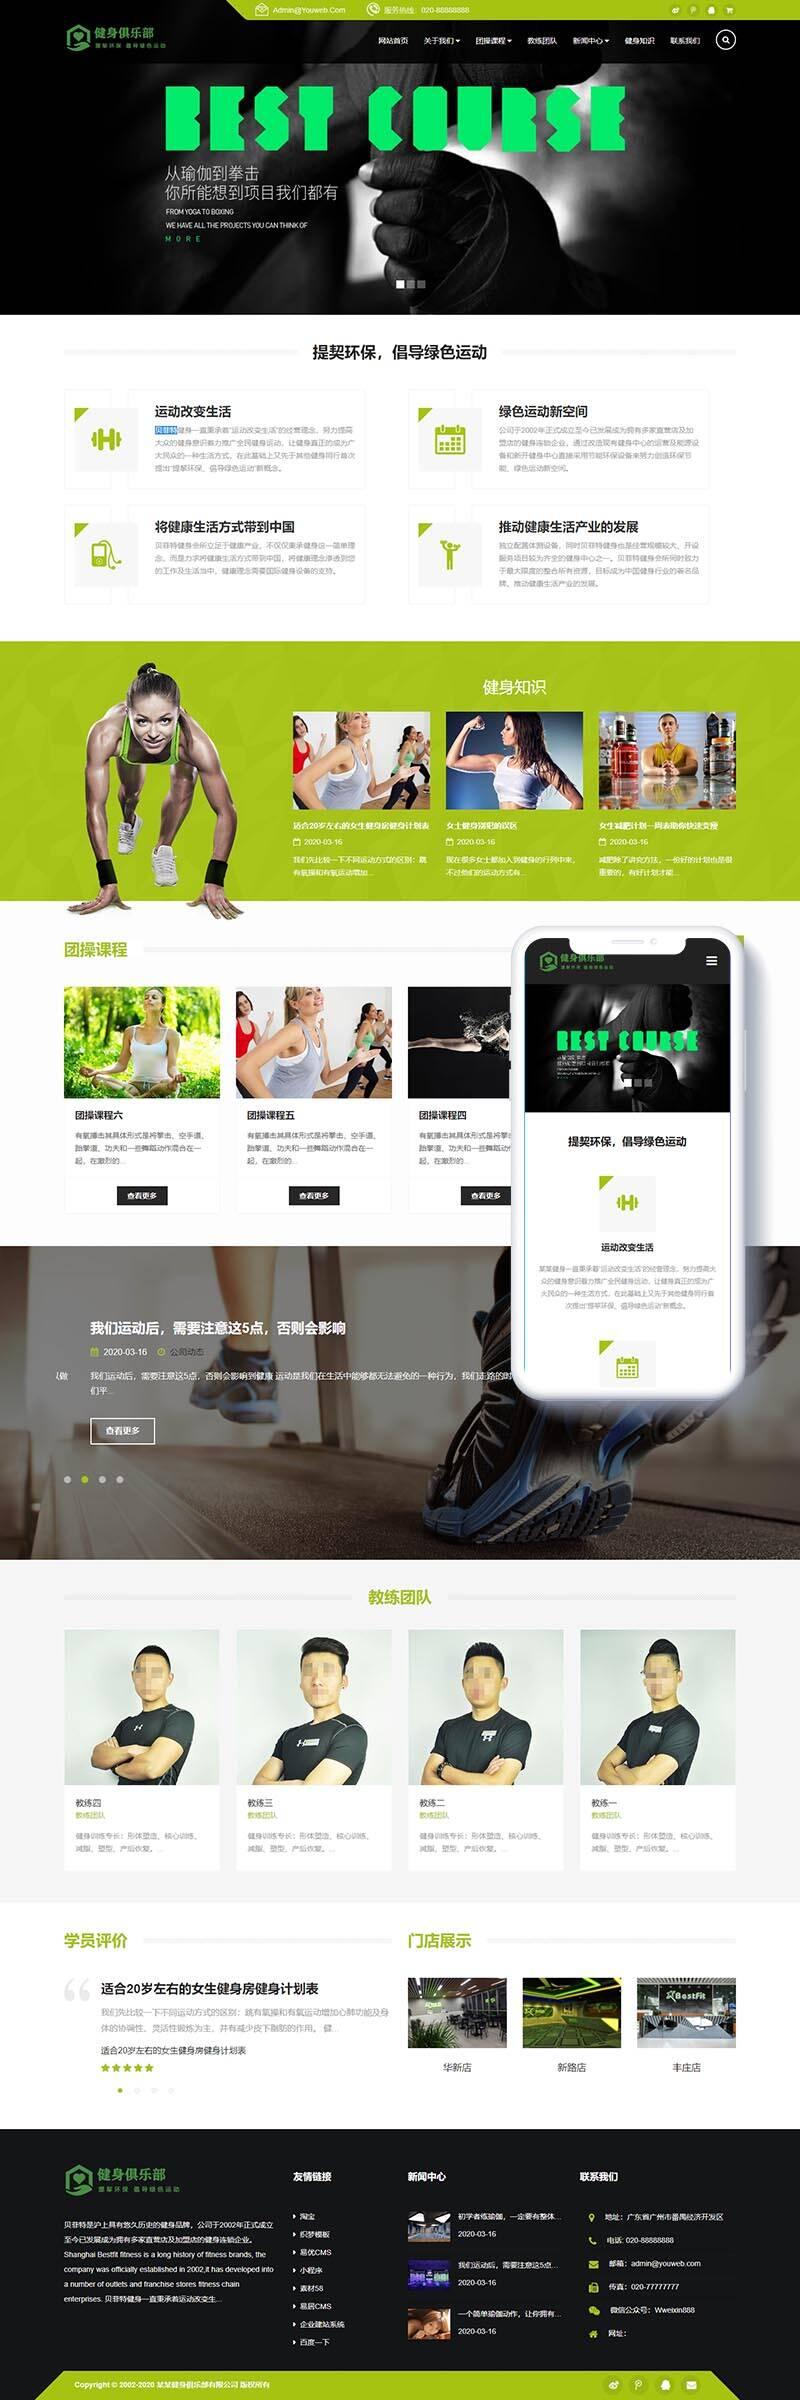 织梦响应式健身俱乐部类网站织梦模板(自适应手机端)-114源码